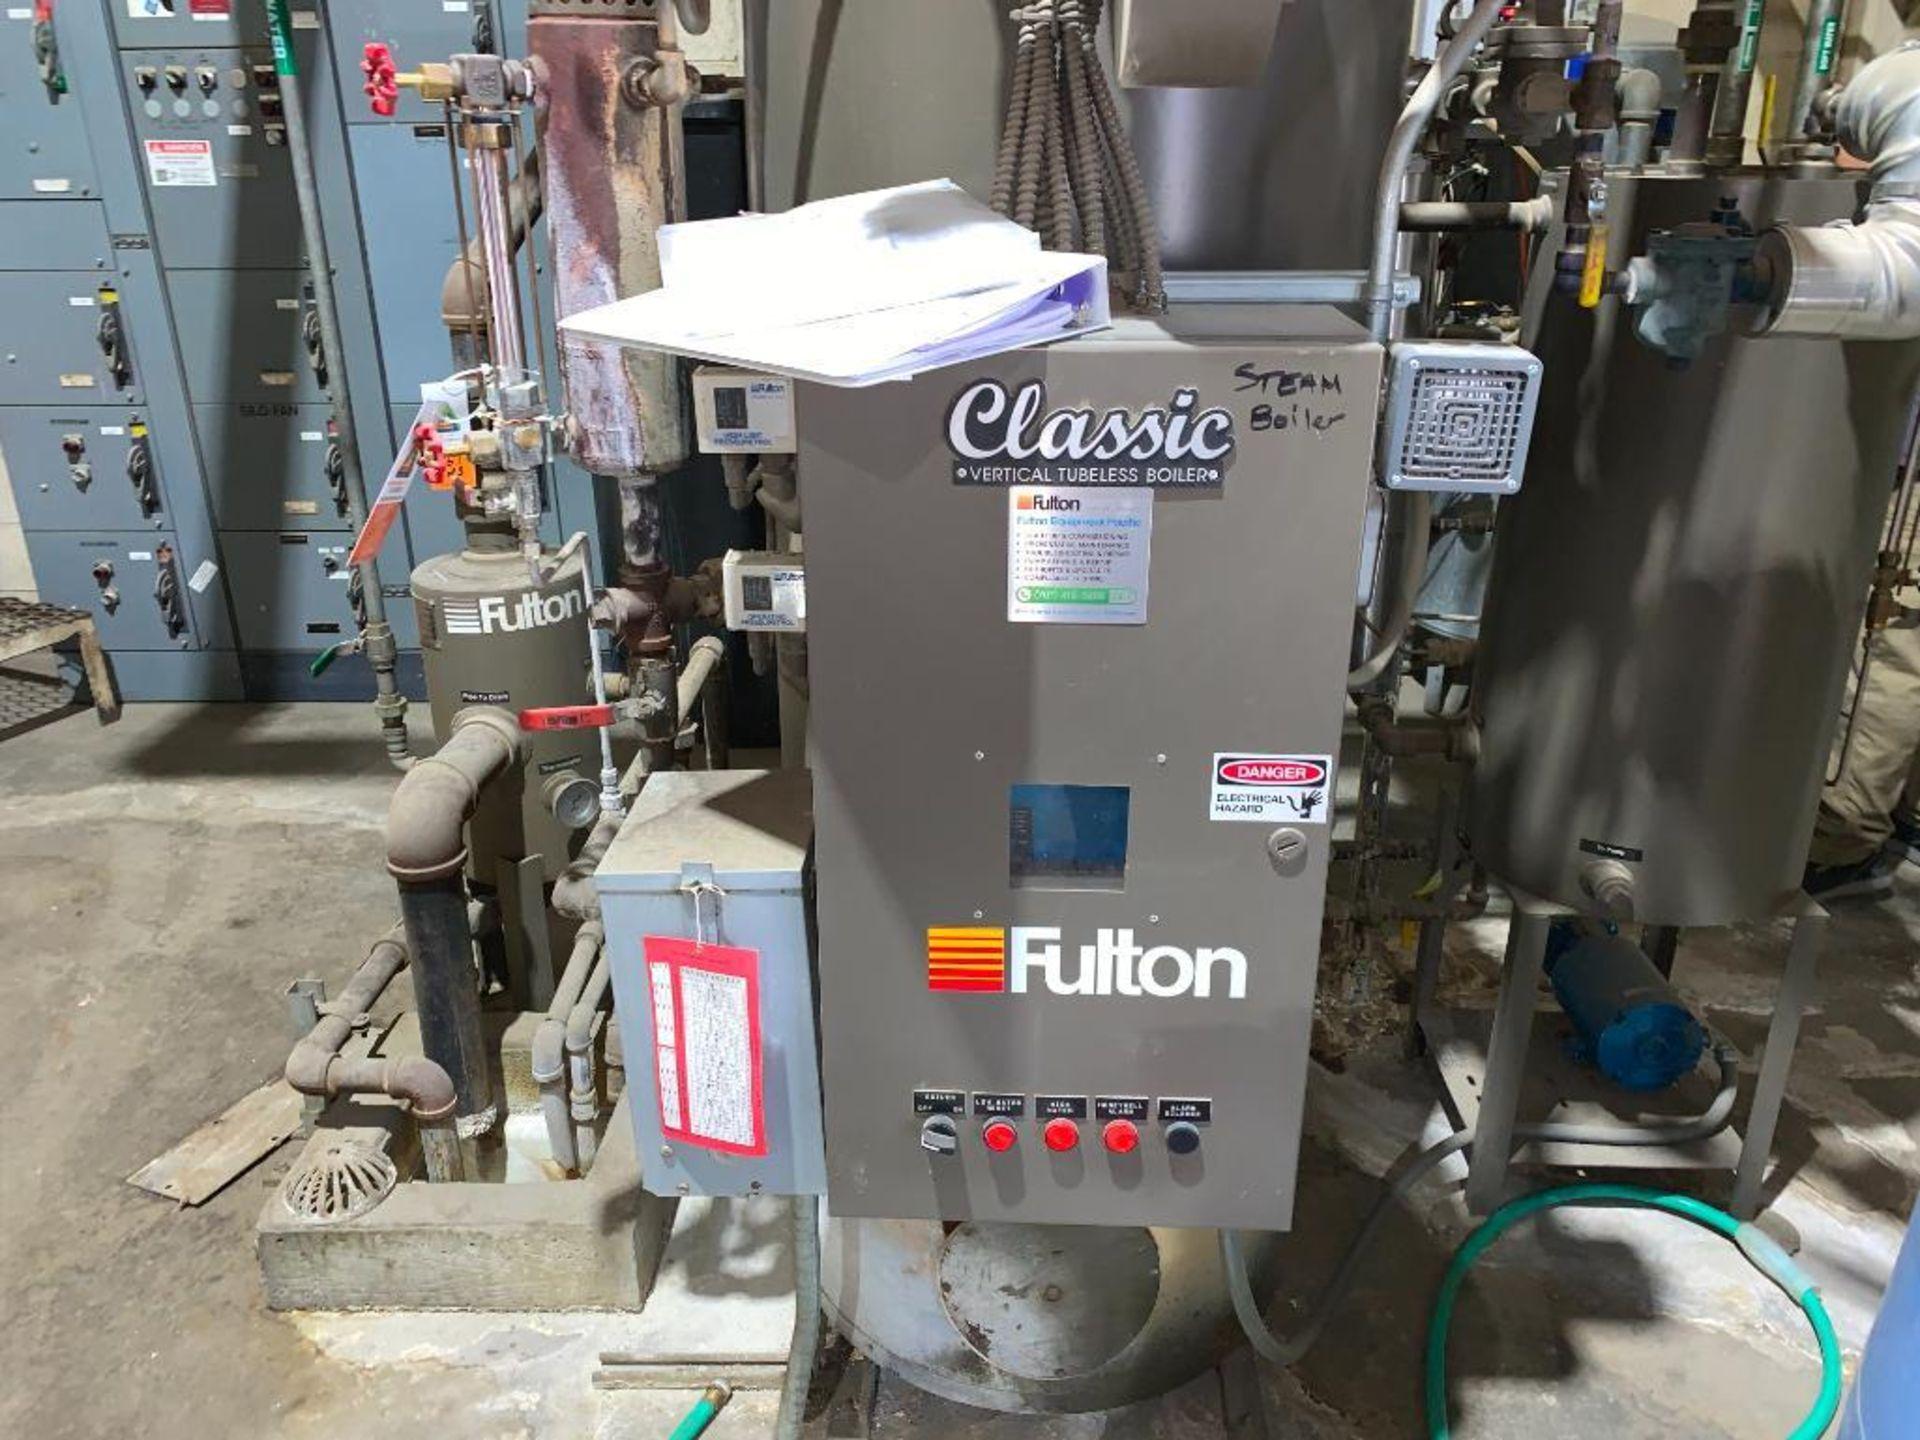 2014 Fulton steam boiler - Image 8 of 23